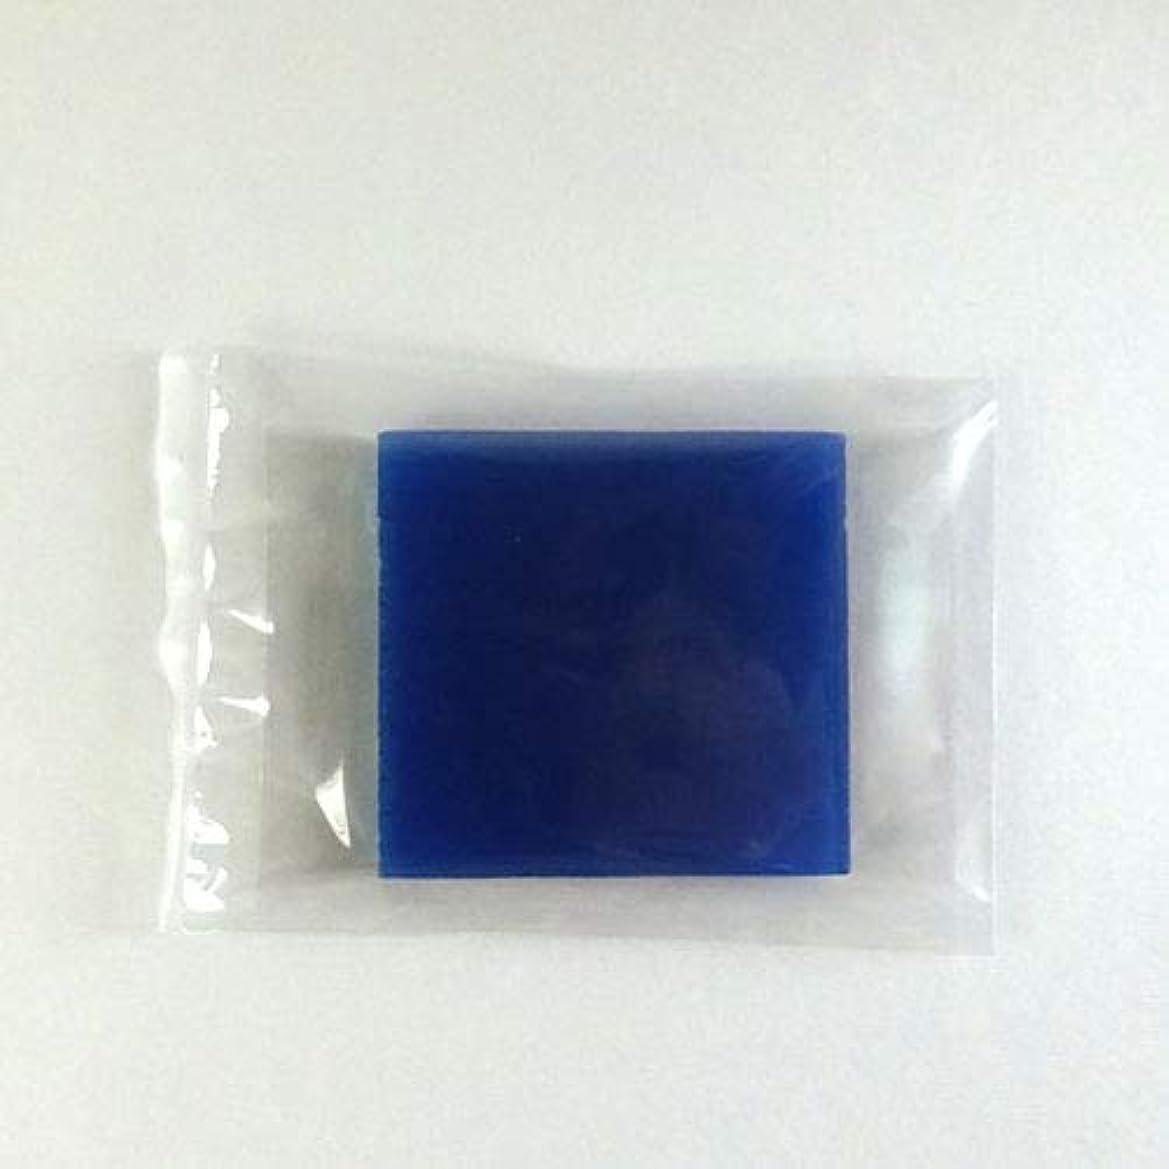 砂利債権者確実グリセリンソープ MPソープ 色チップ 青(ブルー) 30g